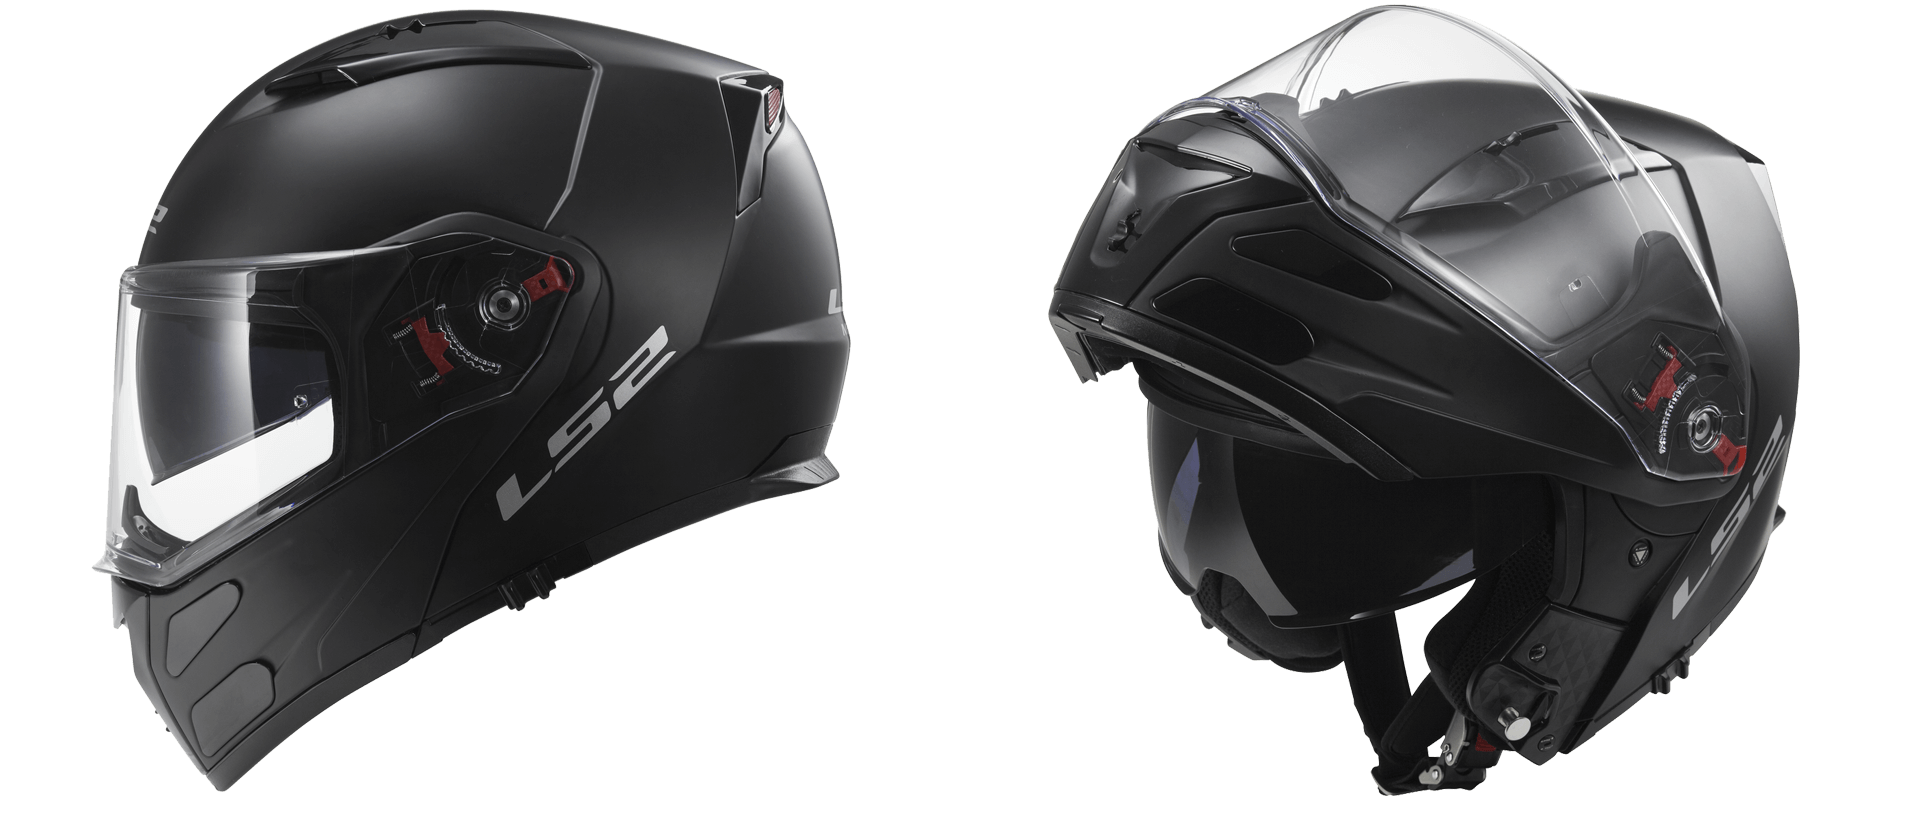 Vyklápěcí helmy na motorku